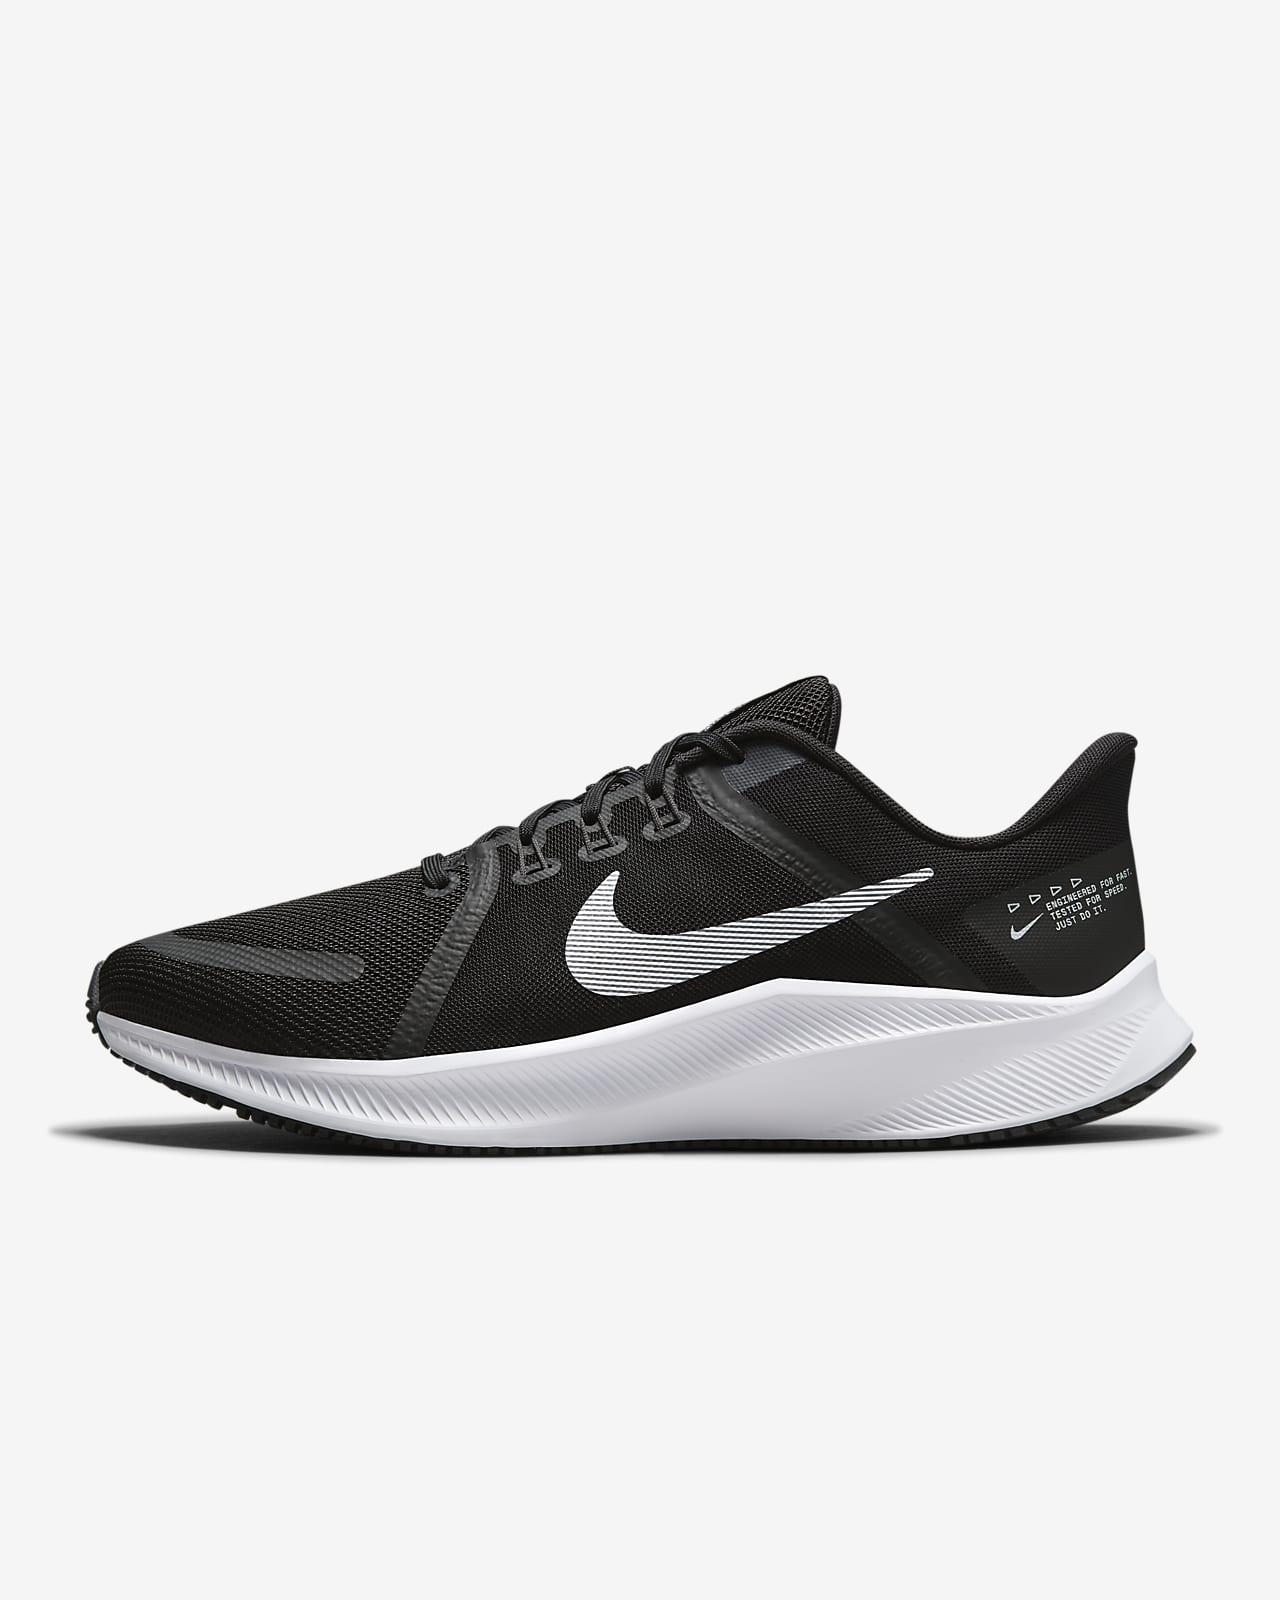 Calzado de running para carretera para hombre Nike Quest 4